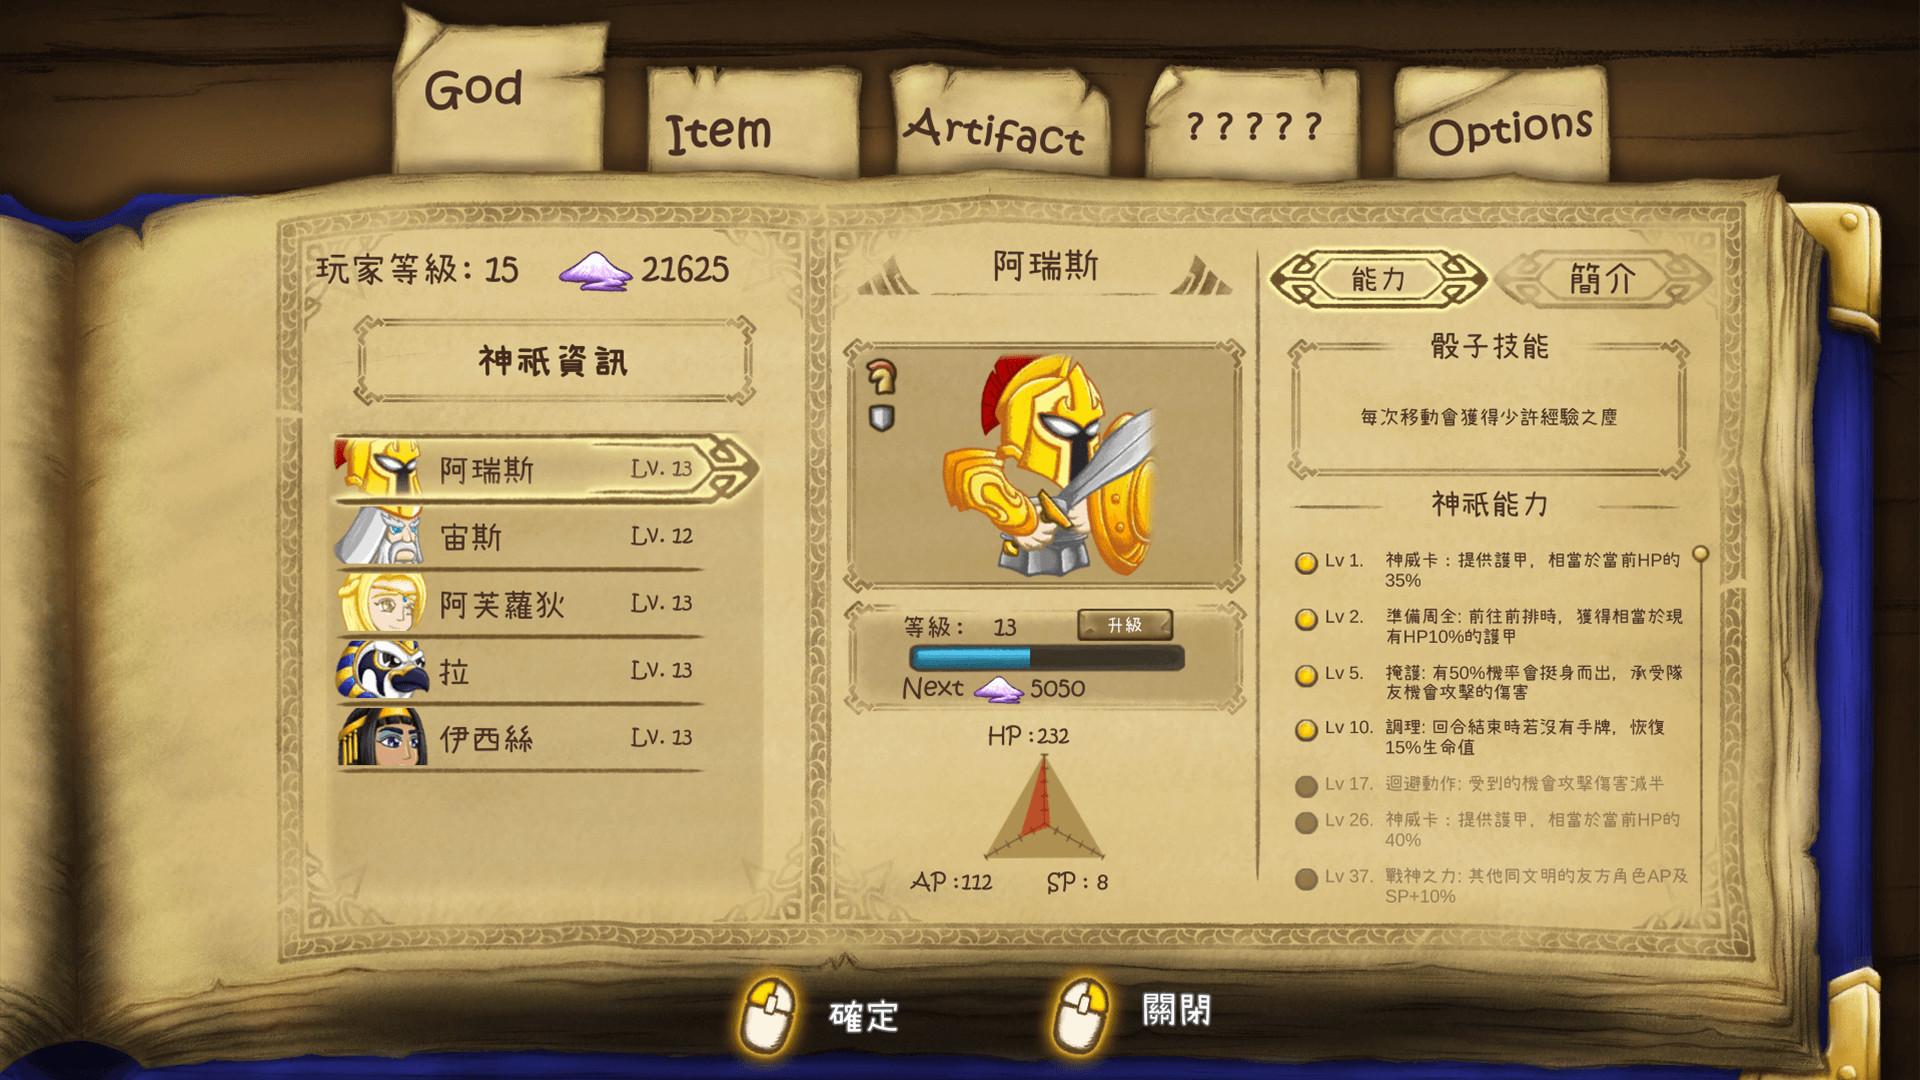 卡纳洛克:神战/Cardnarok: Raid with Gods(V1.0.0-正式版)插图3